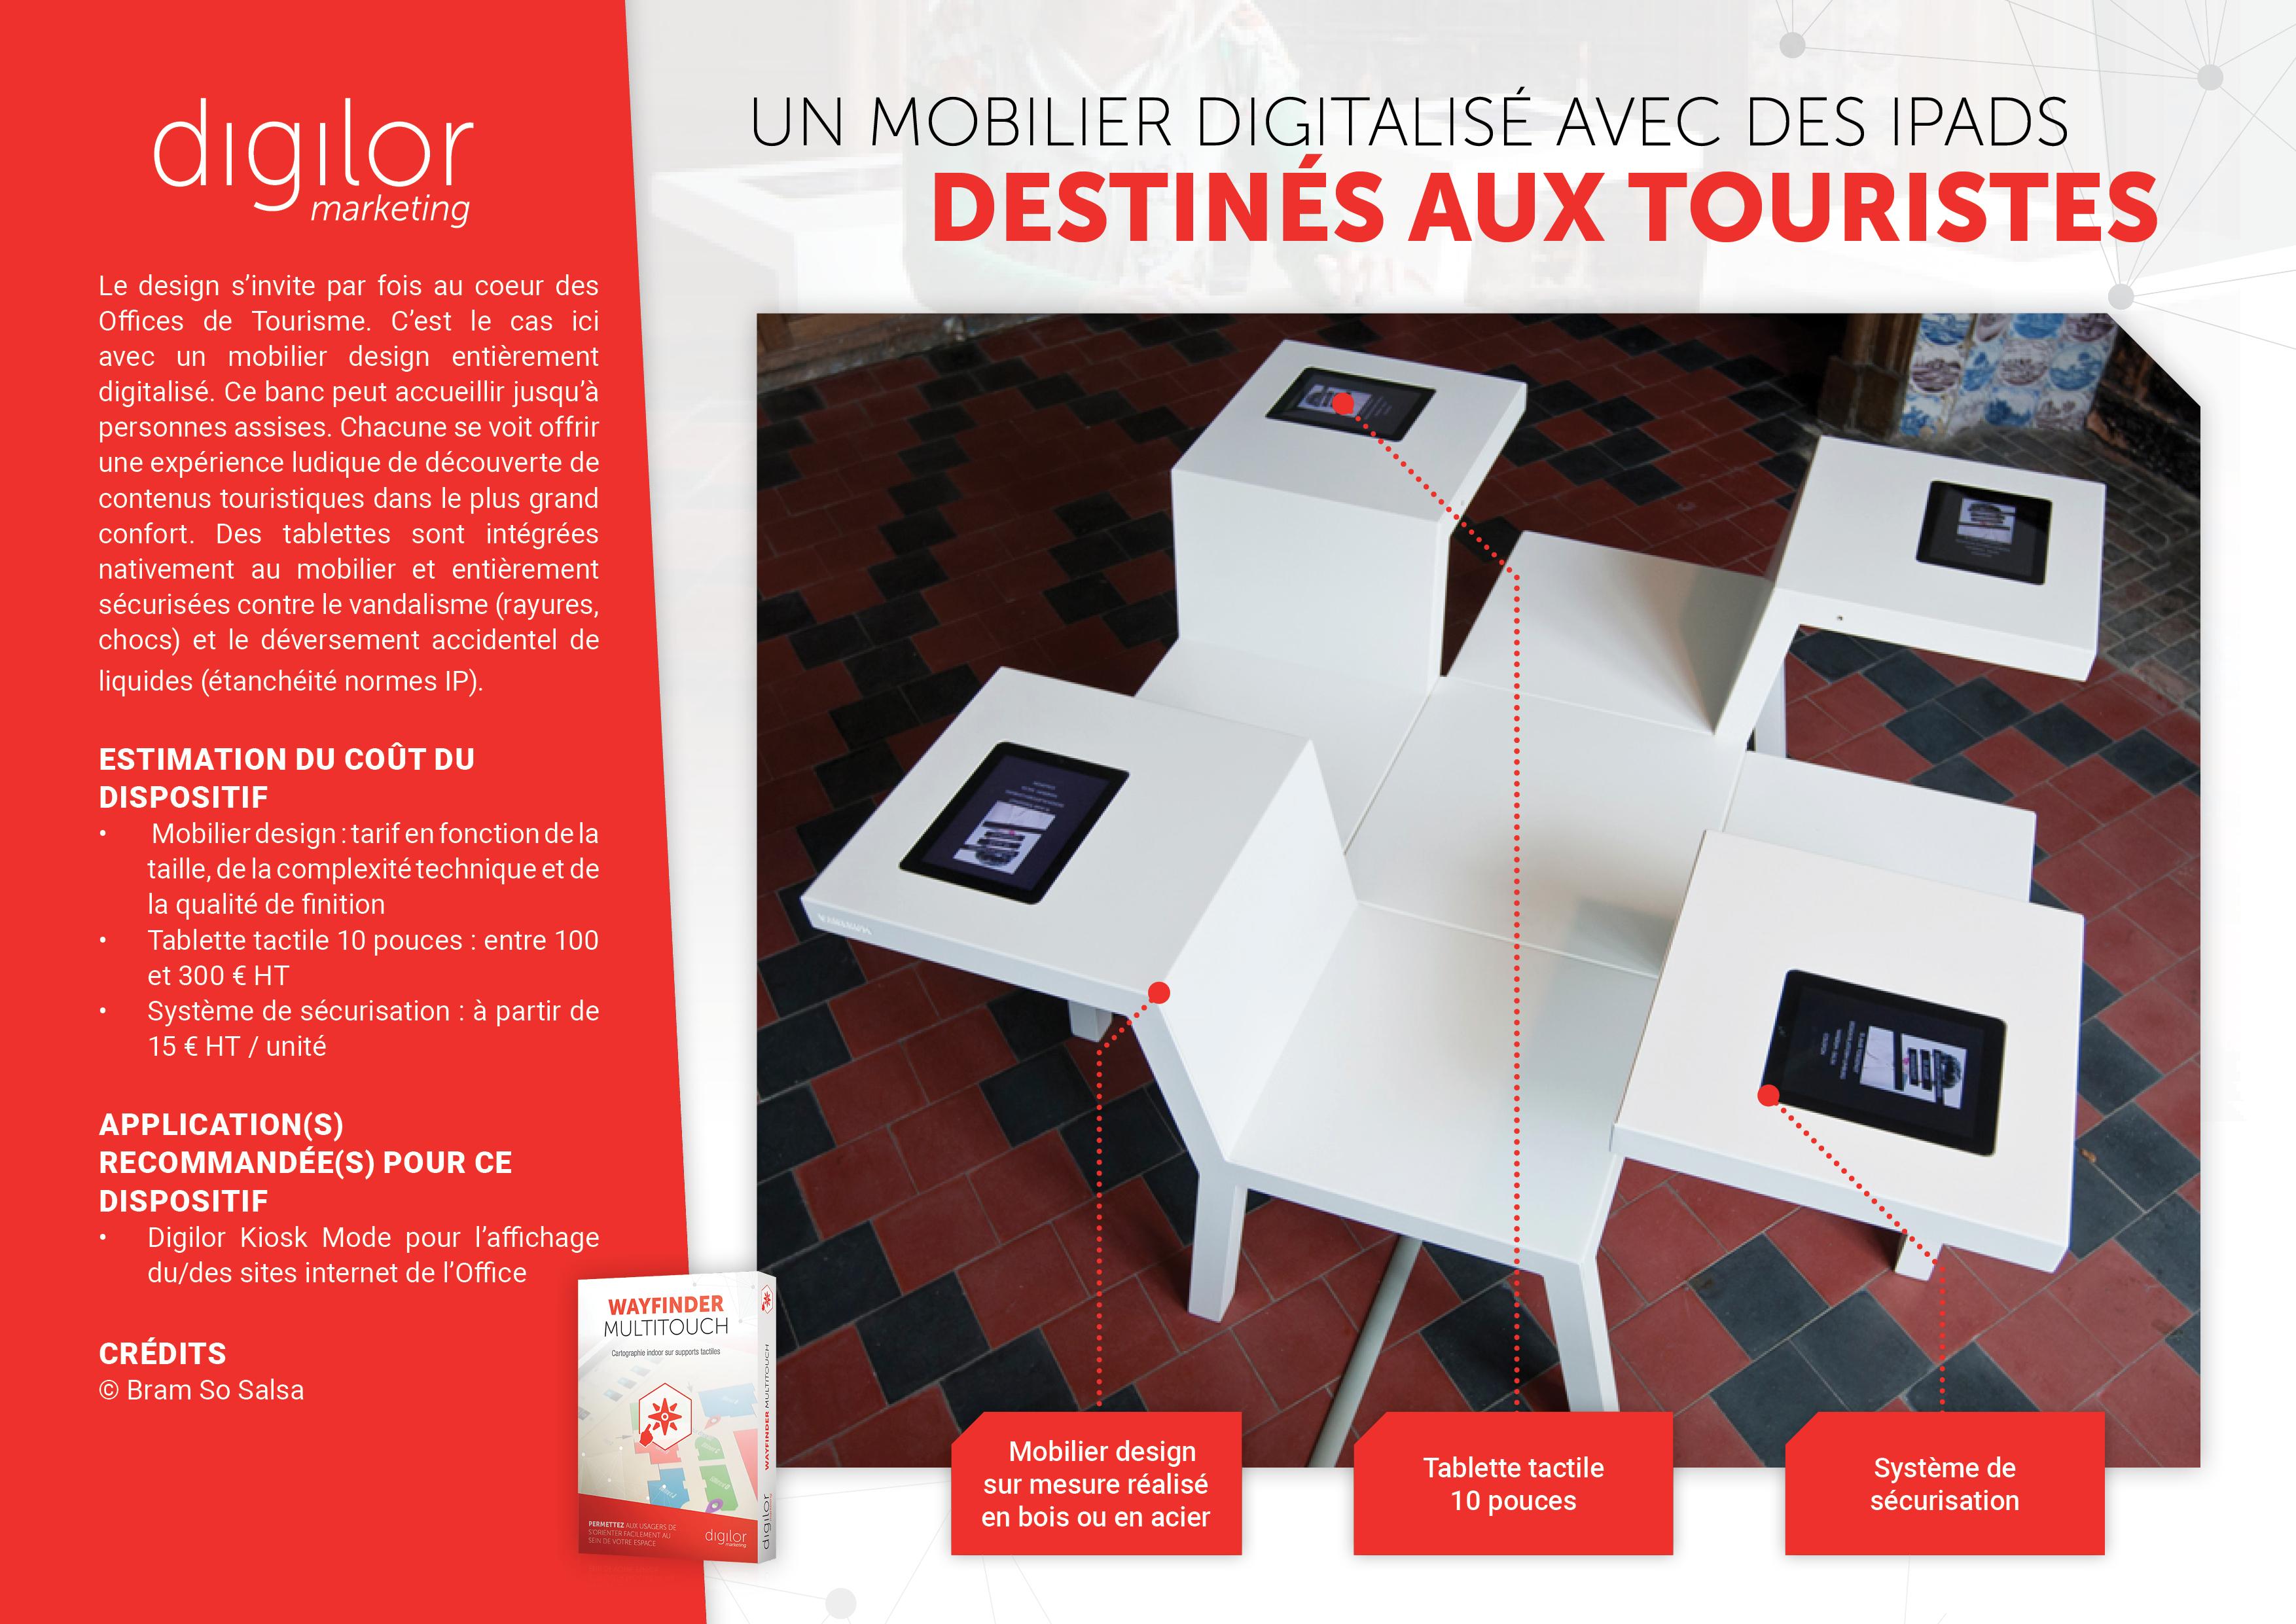 Un mobilier digitalisé avec des iPads destinés aux touristes